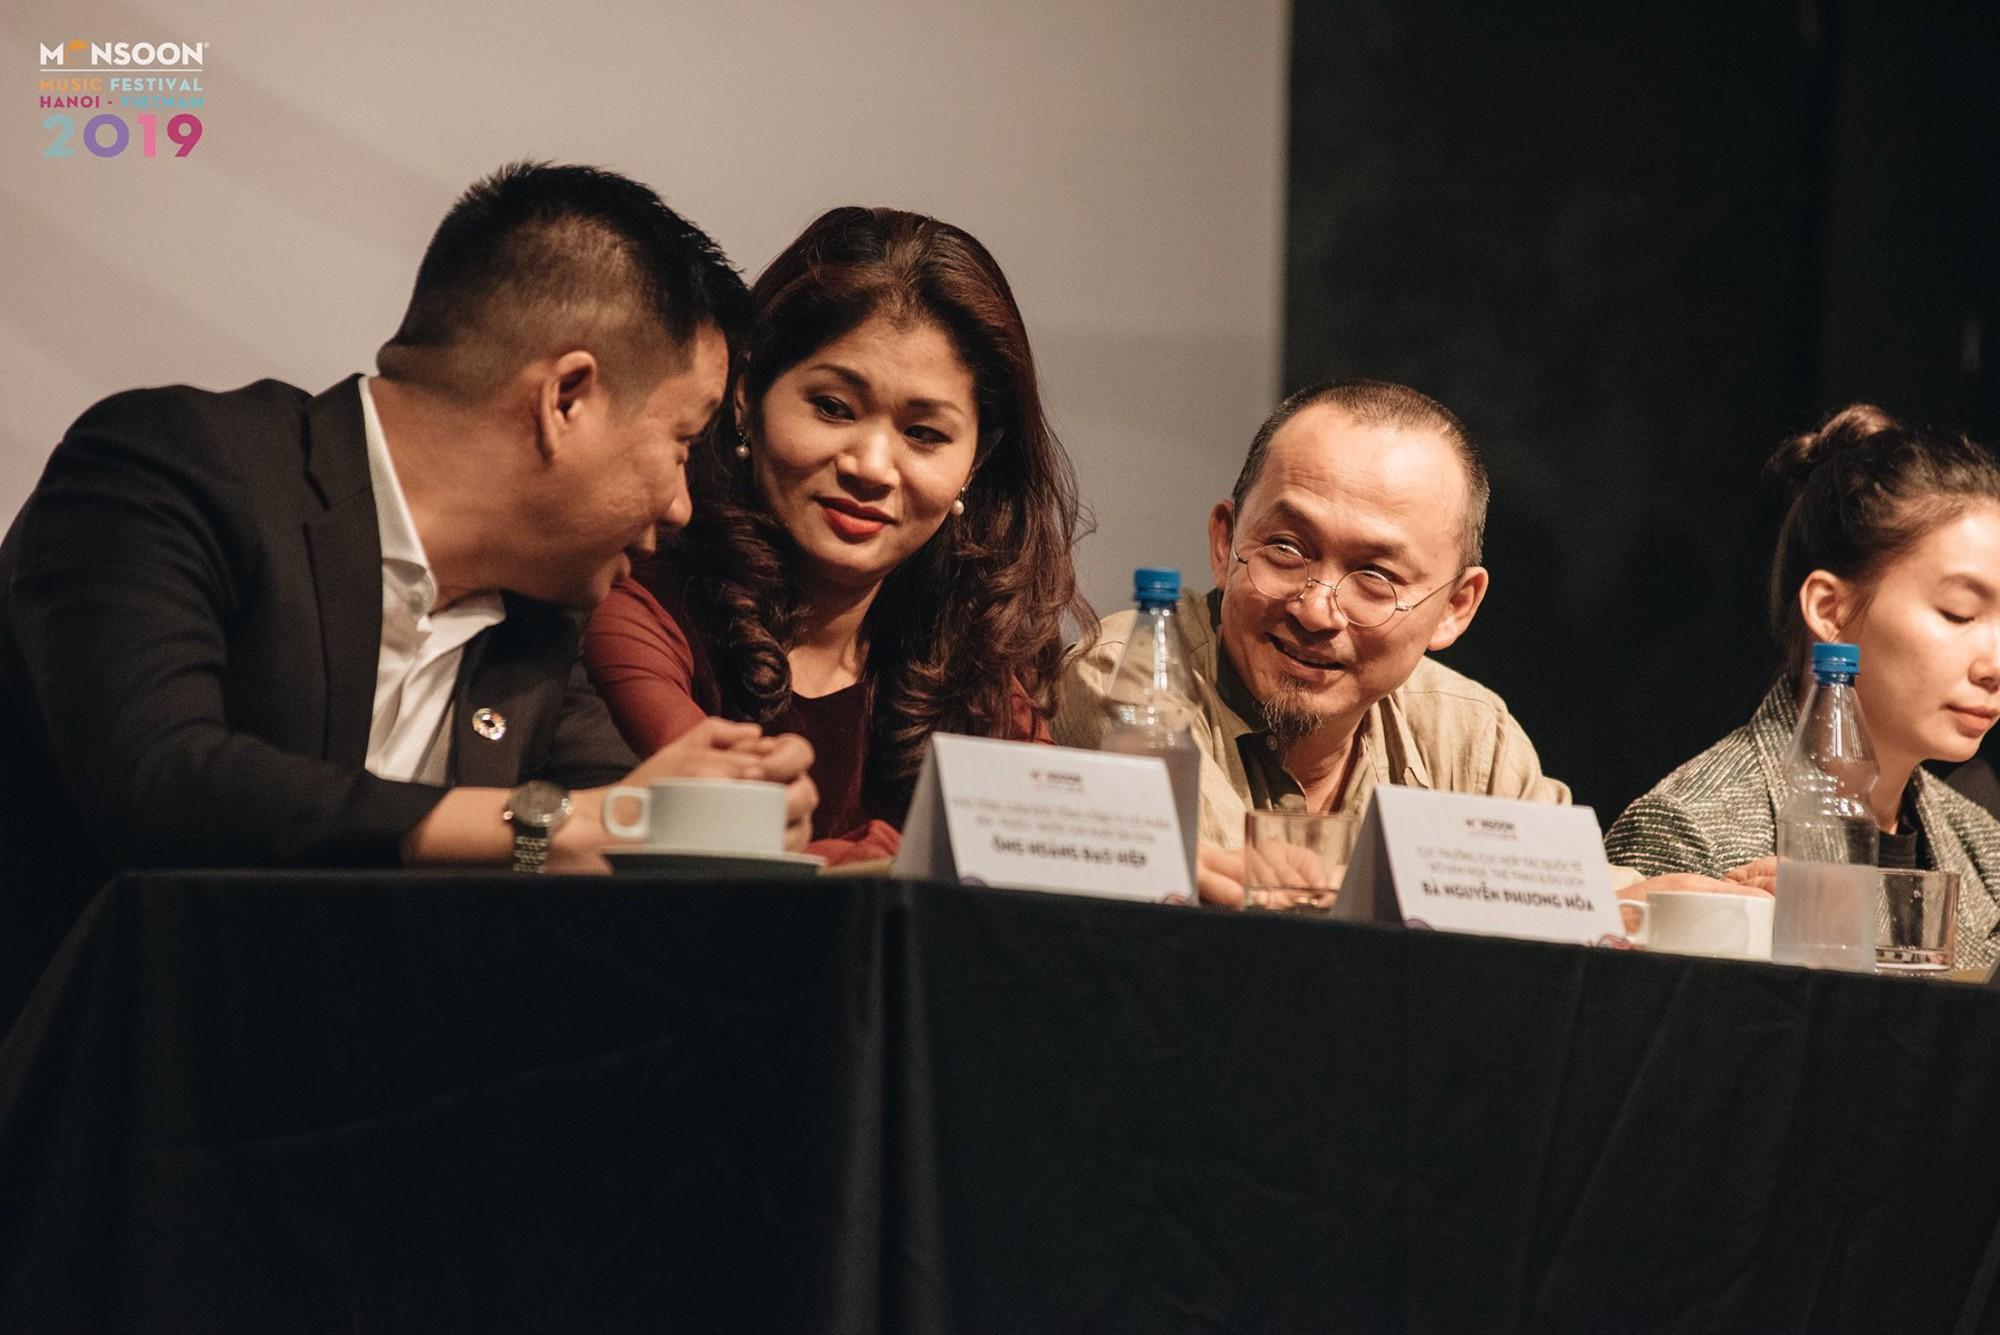 Monsoon Music Festival - Khán giả là nhân vật chính, không phải các ngôi sao - Ảnh 1.